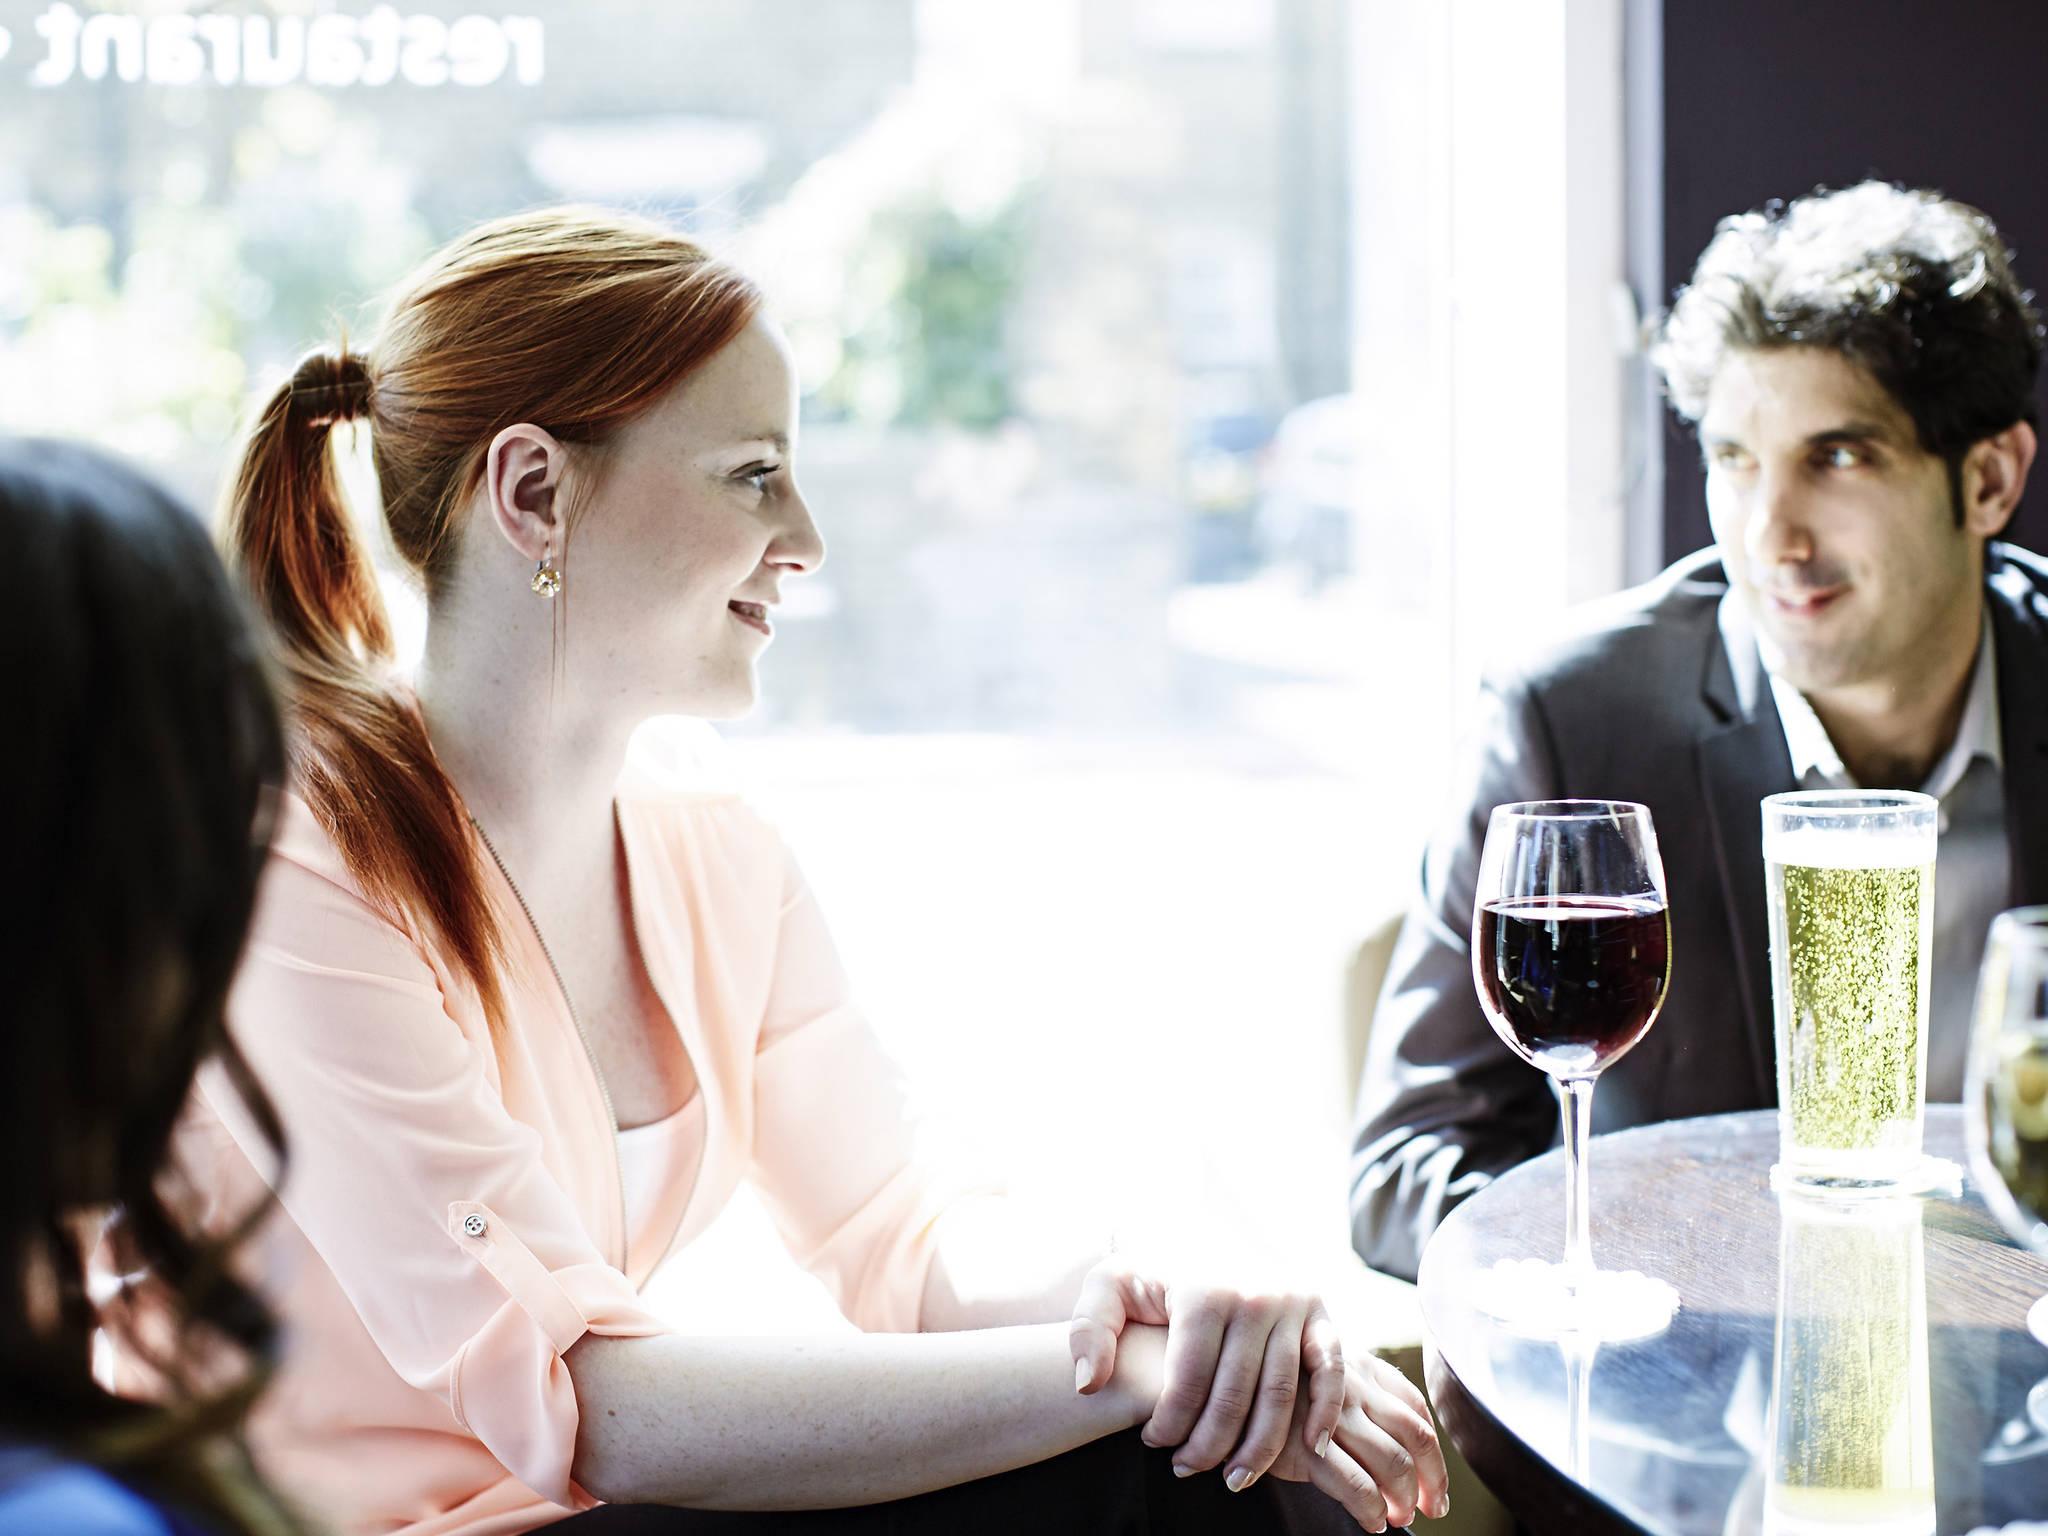 Nigdzie w afryce online dating